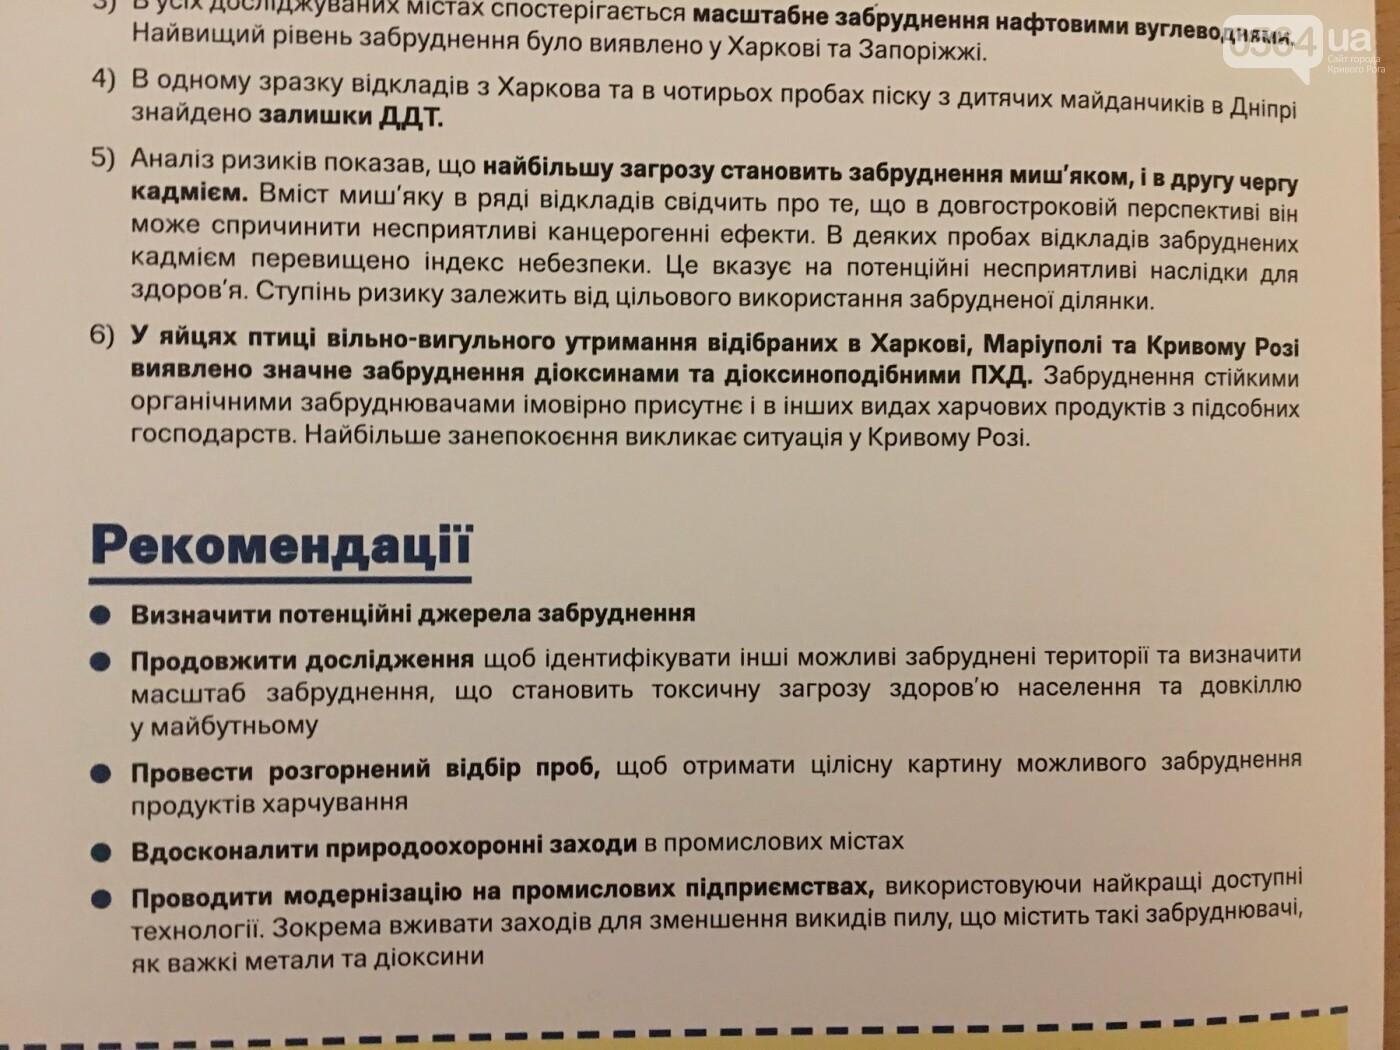 """""""Попытки сотрудничать с """"АМКР"""" увенчались....ничем"""": Криворожские экоактивисты разорвали Меморандум, - ФОТО, ВИДЕО, фото-23"""